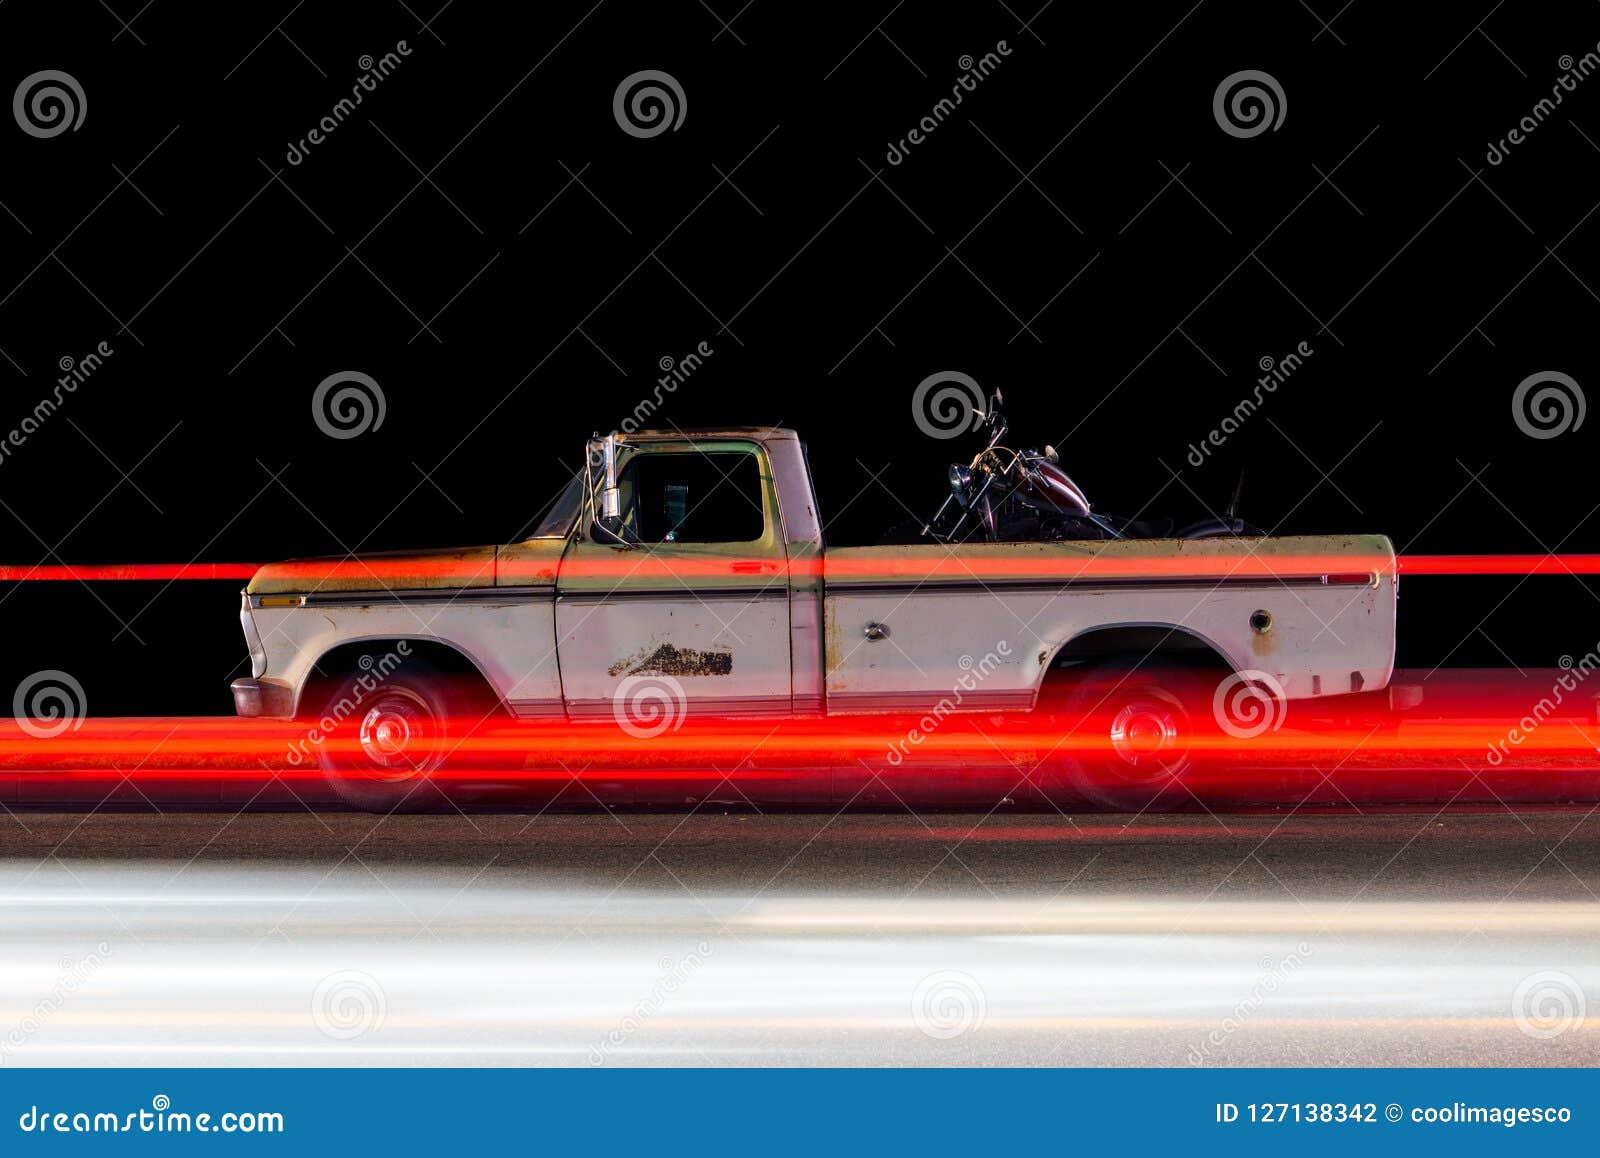 La vista lateral de un vintage clásico coge los rastros del coche y de la luz del camión causados por el tráfico en Venecia, Cali